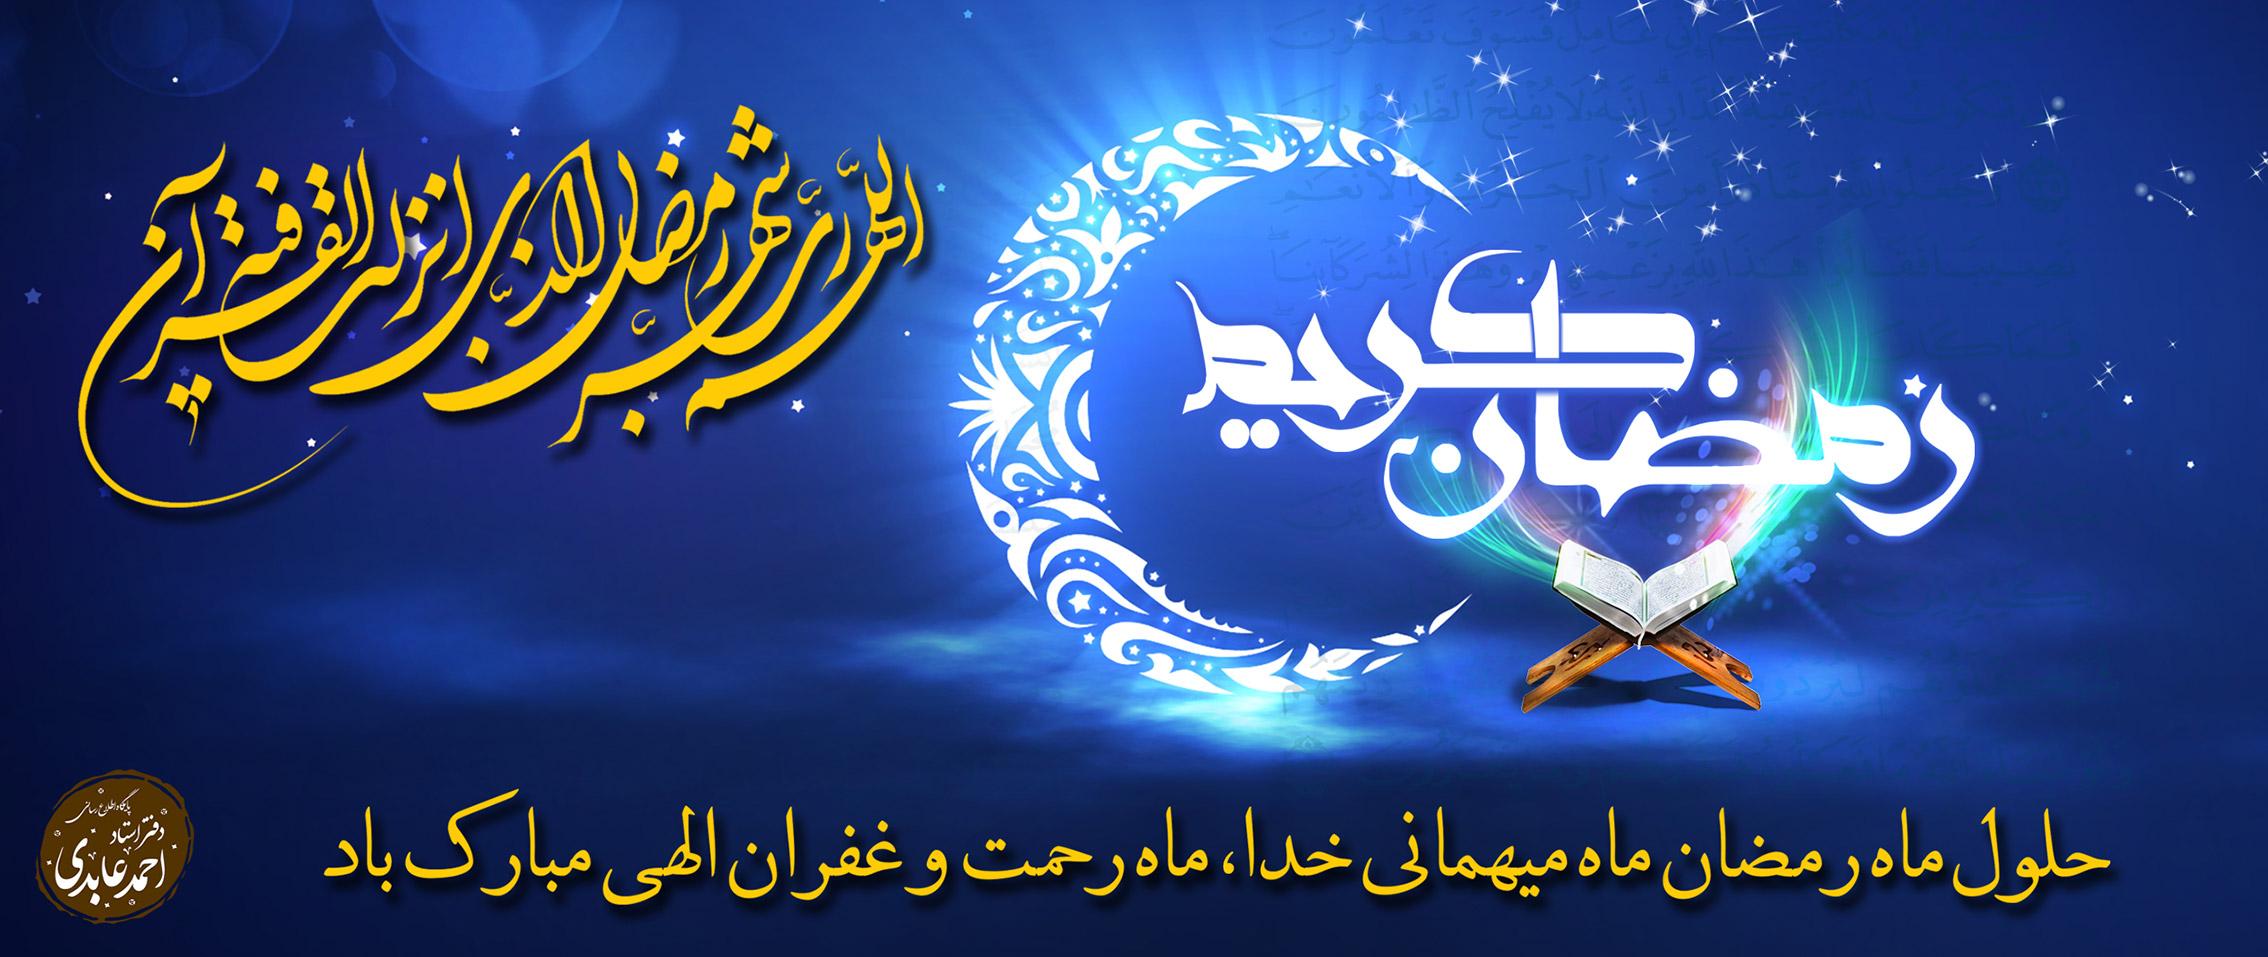 تبریک شروع ماه مبارک رمضان